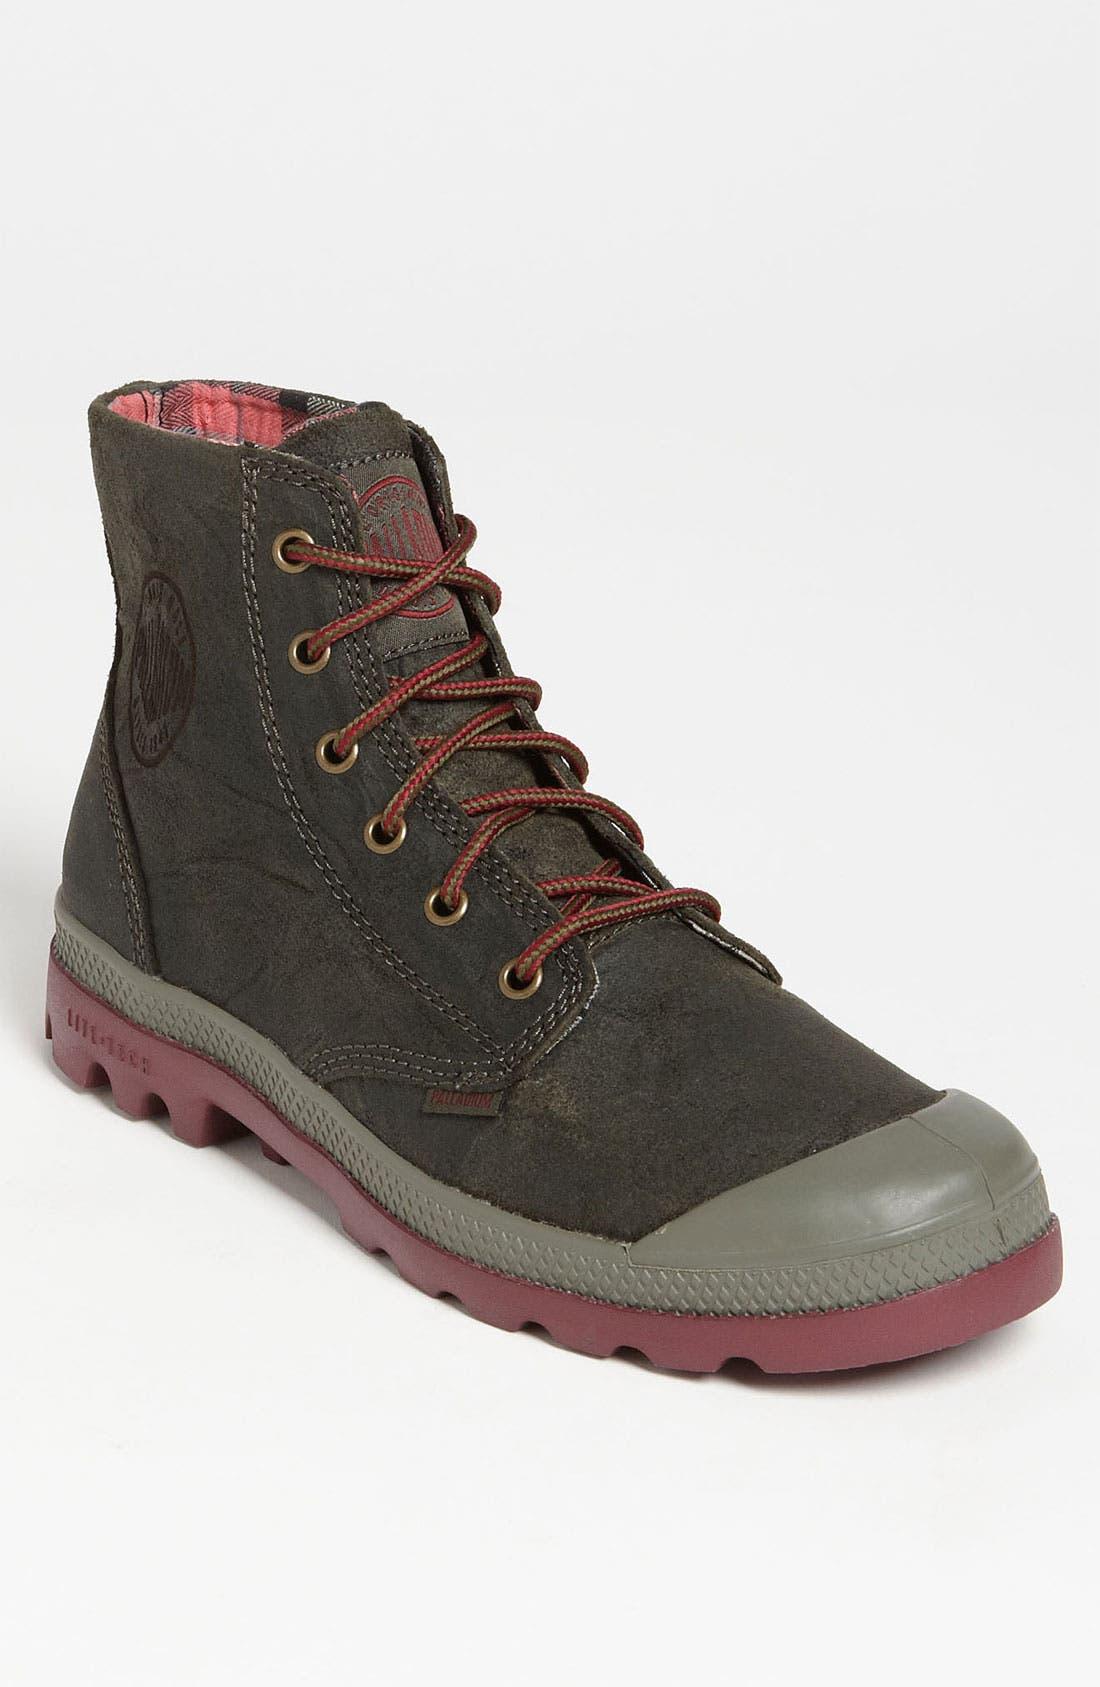 Alternate Image 1 Selected - Palladium 'Pampa Hi Lite' Boot